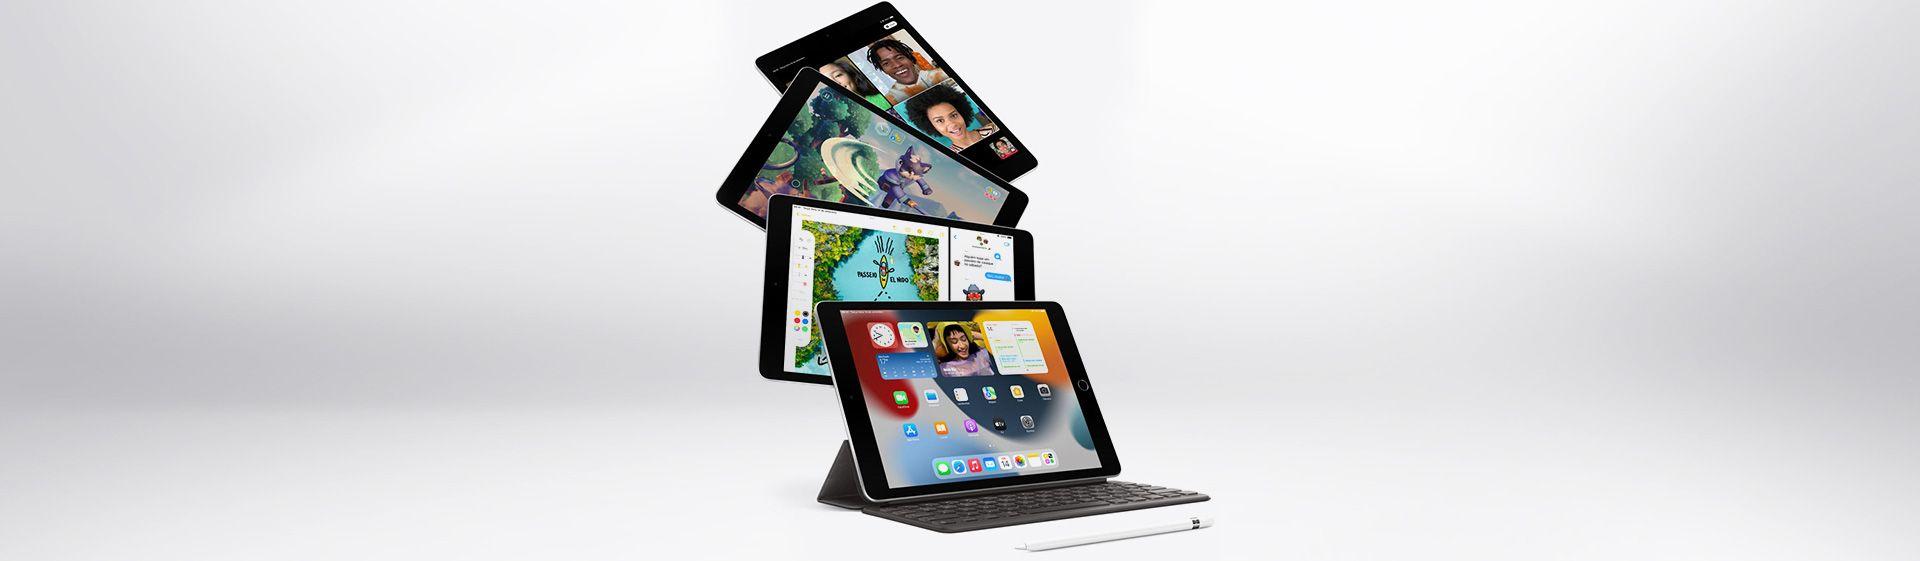 iPad 2021 é bom? Veja ficha técnica e preço do tablet Apple